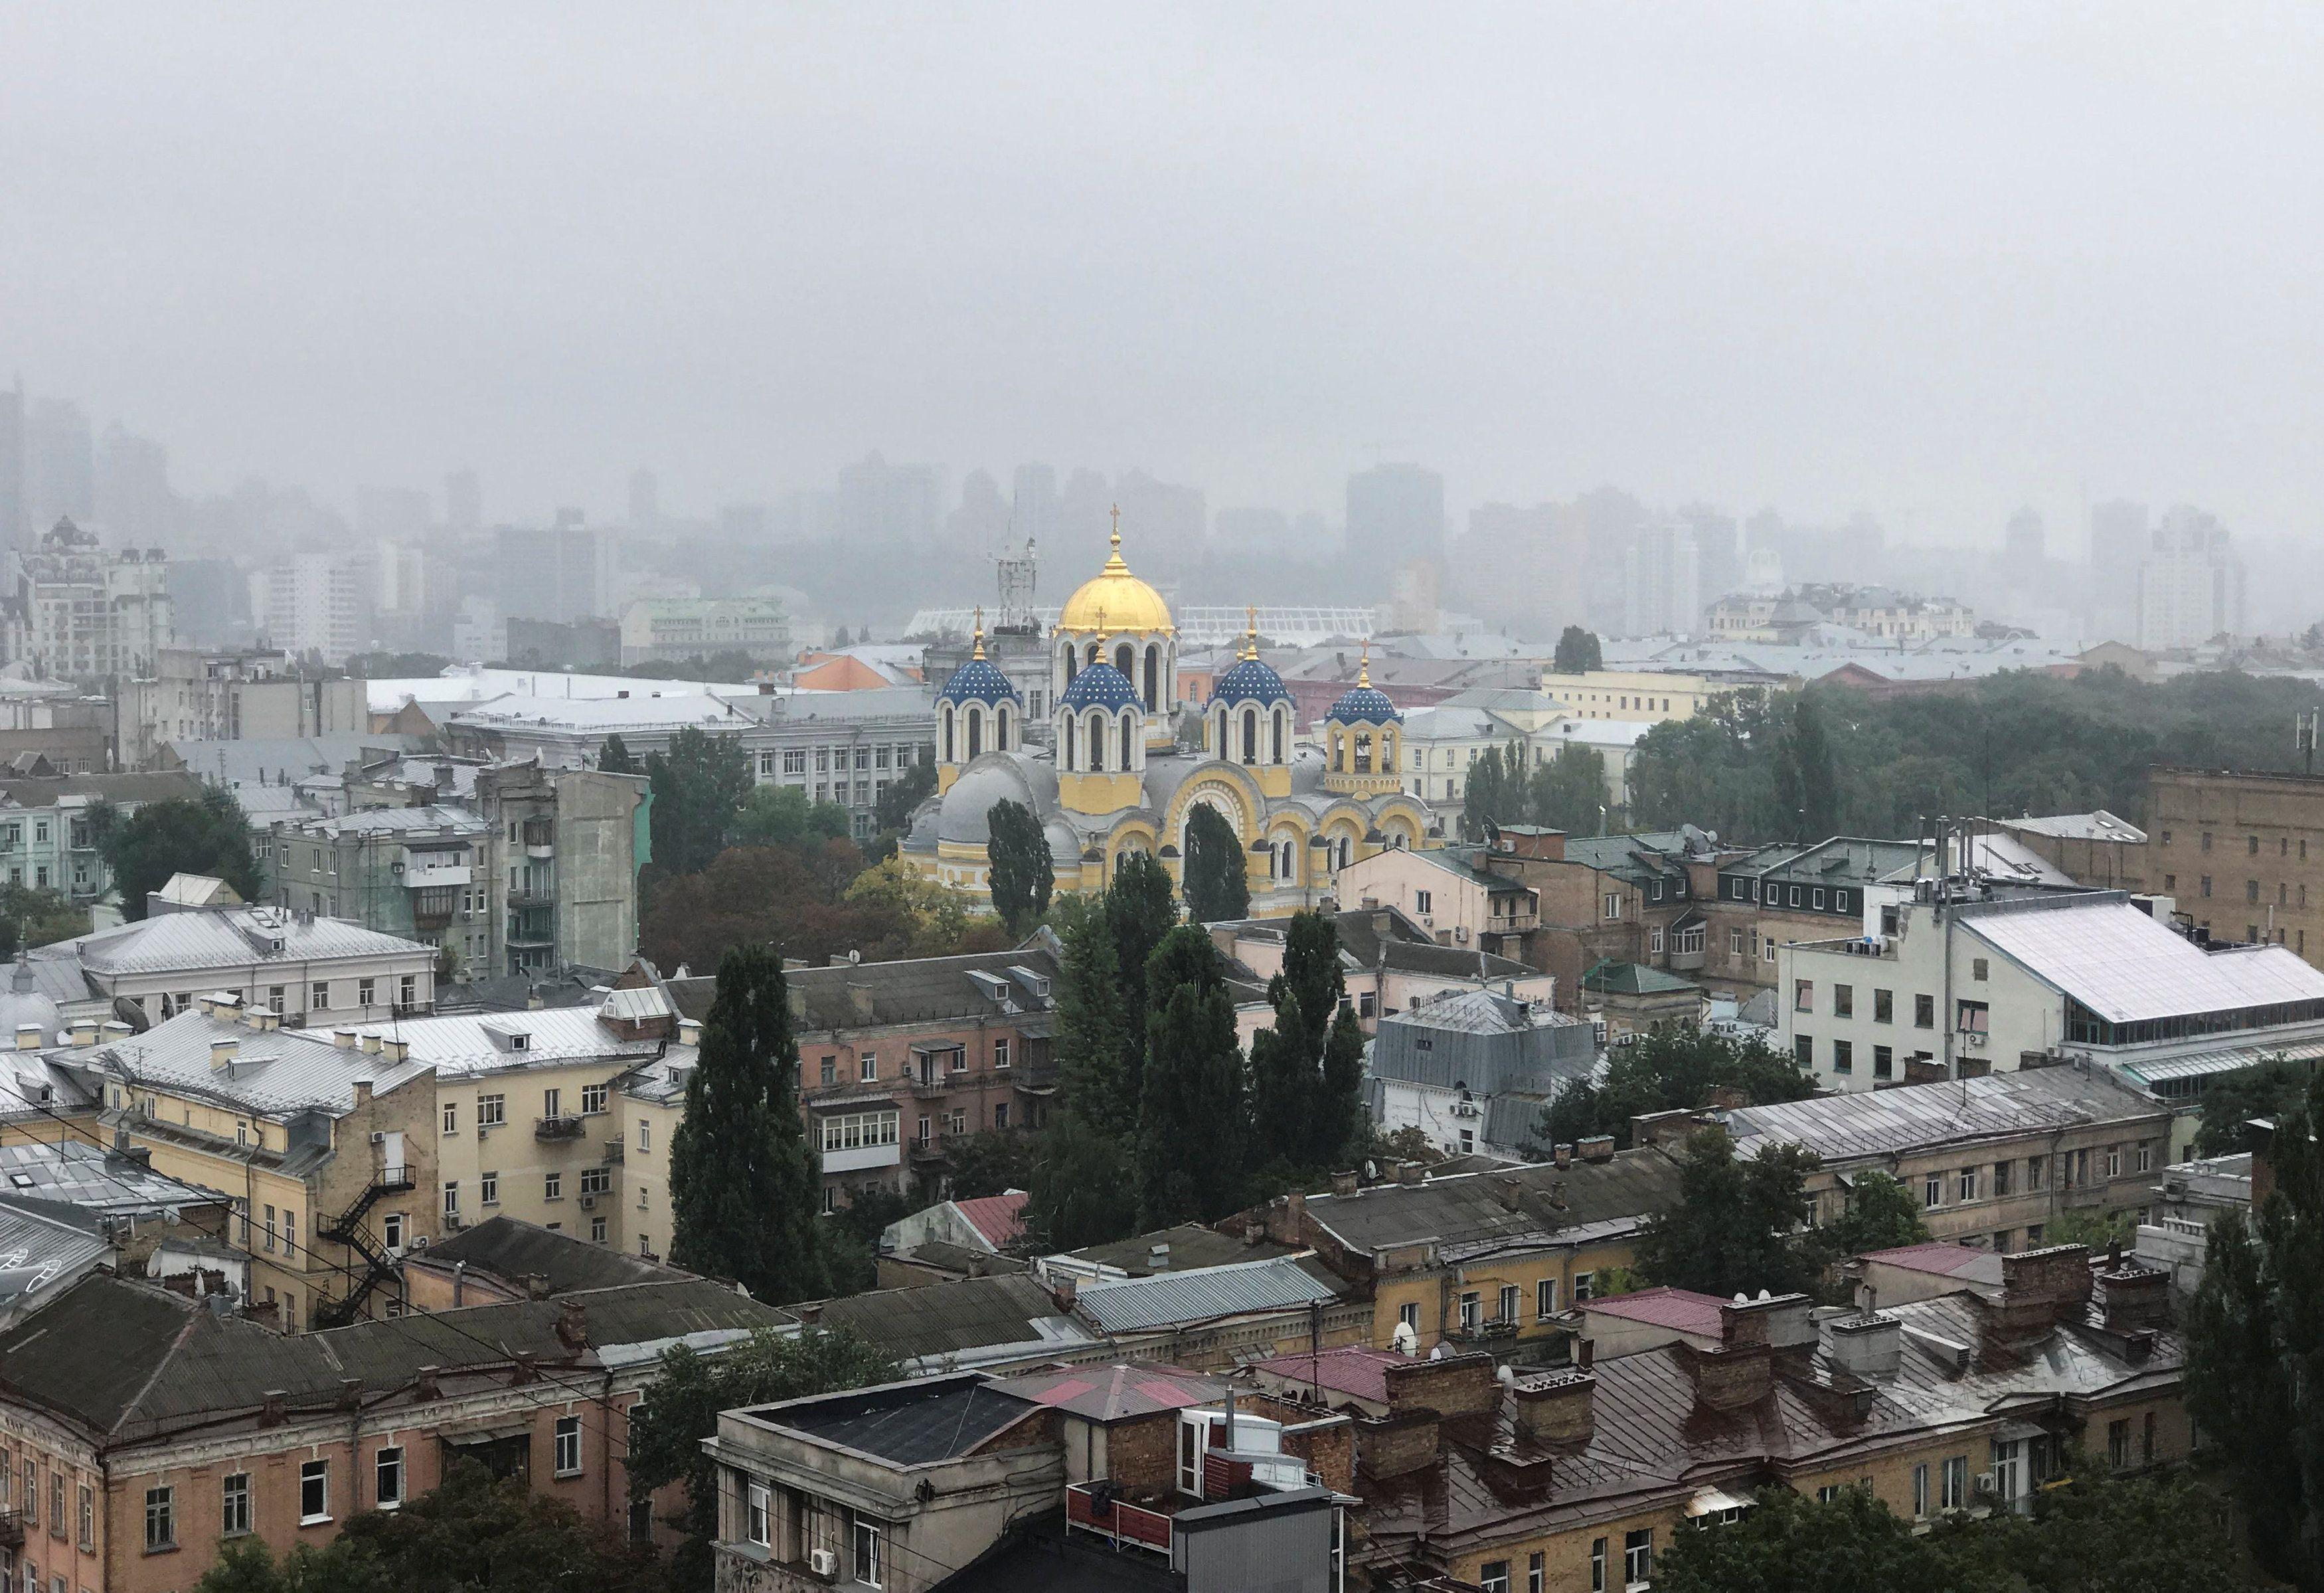 Синоптики спрогнозировали, что в пятницу в Киеве потеплеет